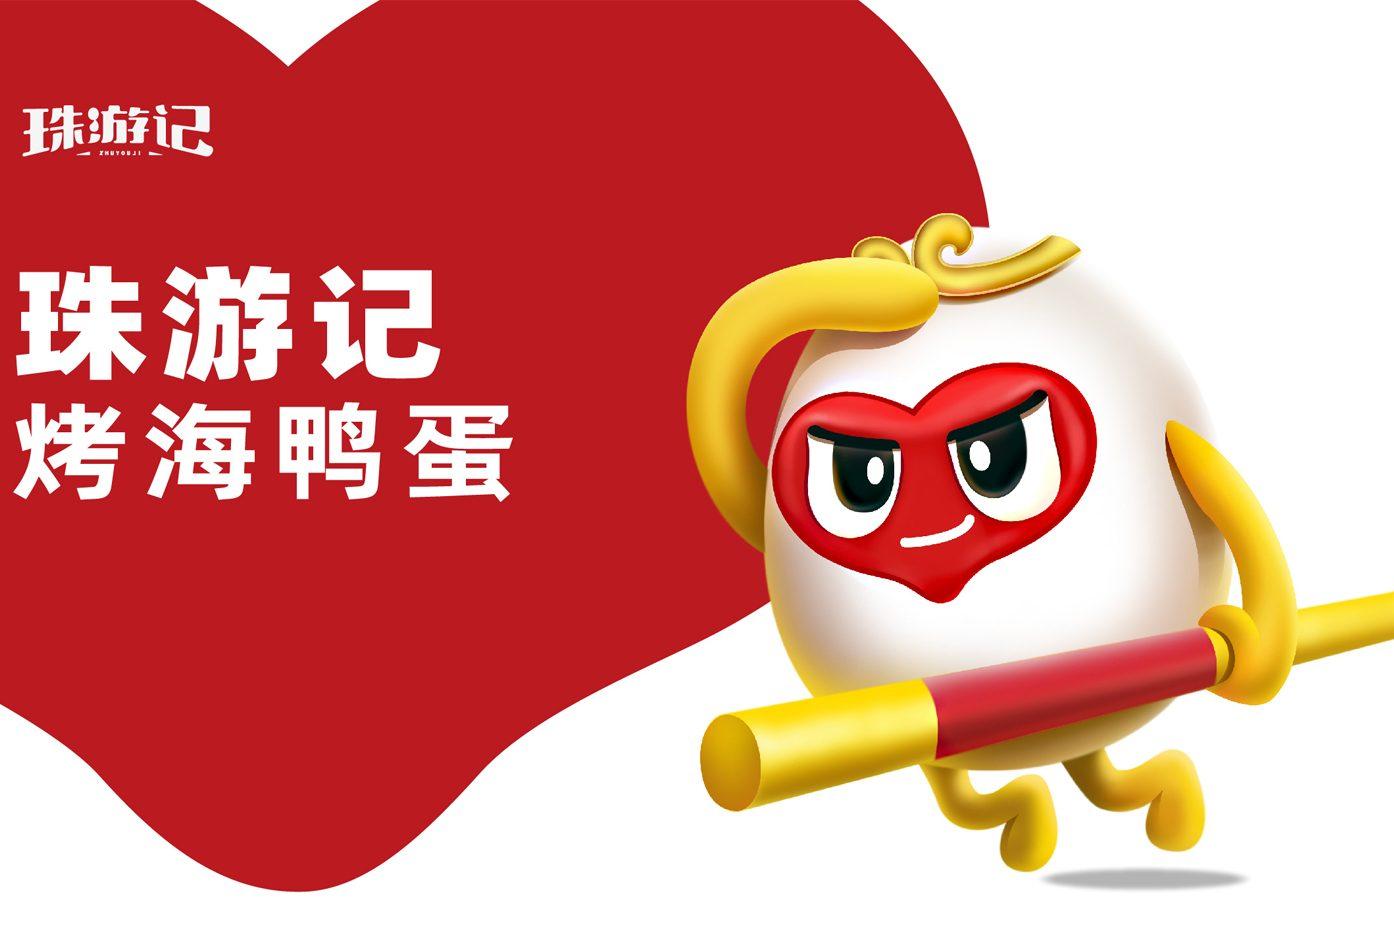 吉祥物 | 烤海鸭蛋的IP形象也能这样设计,不错●!